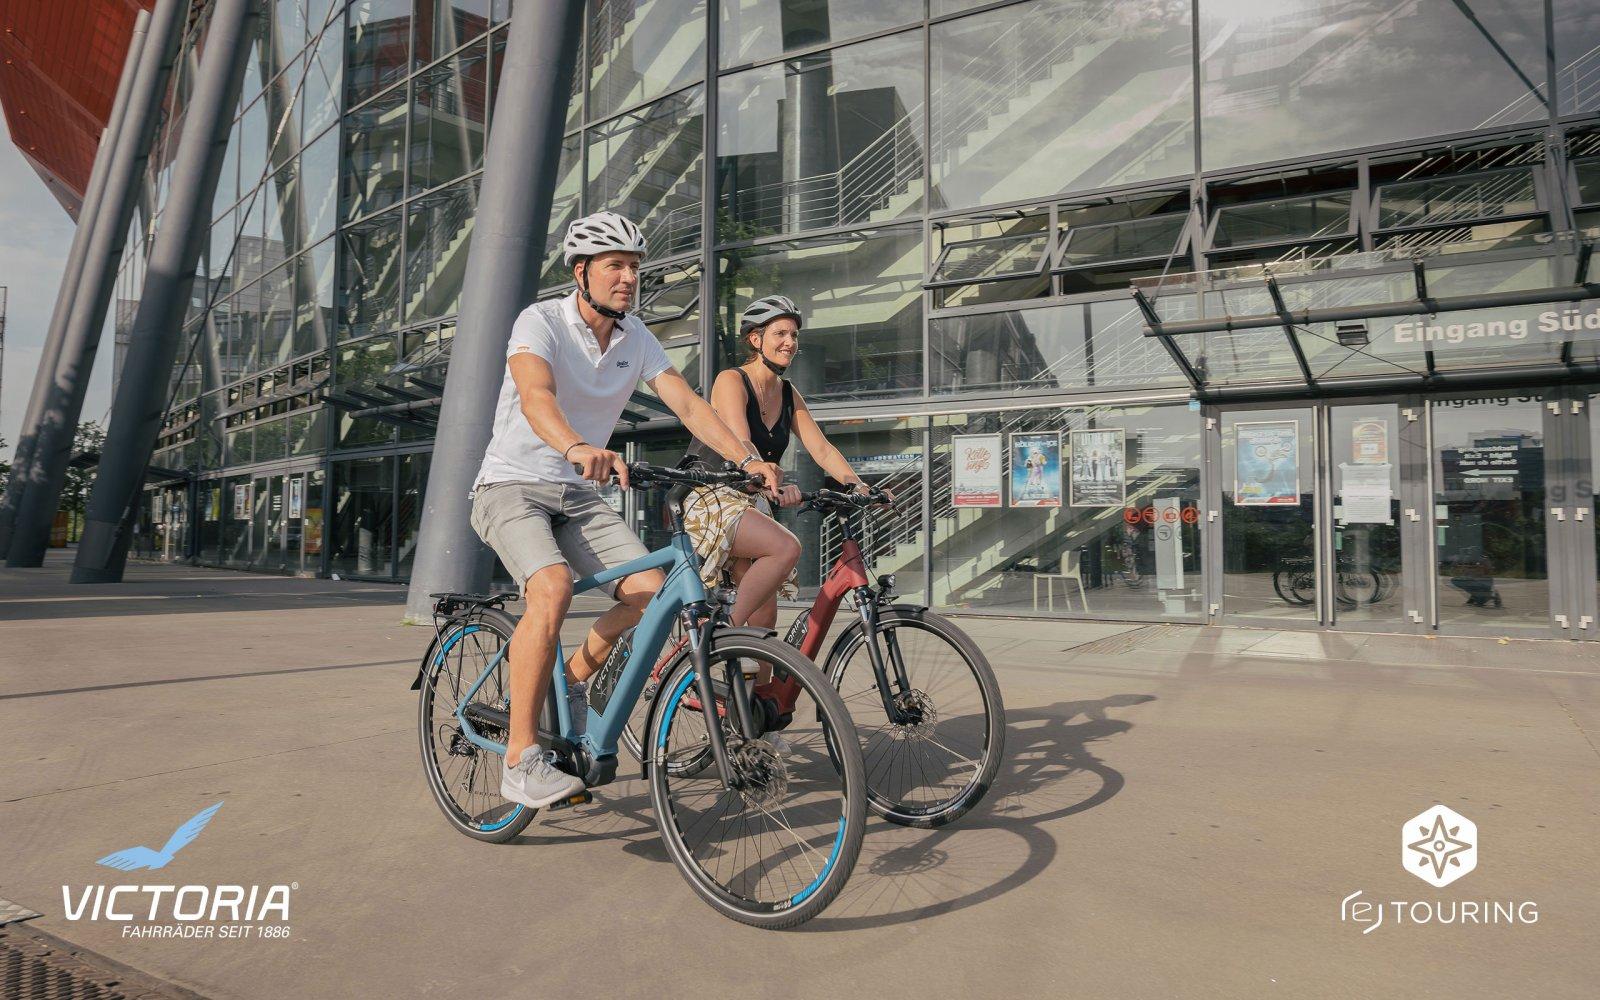 Victoria Fahrrad Onlineshop Saarland